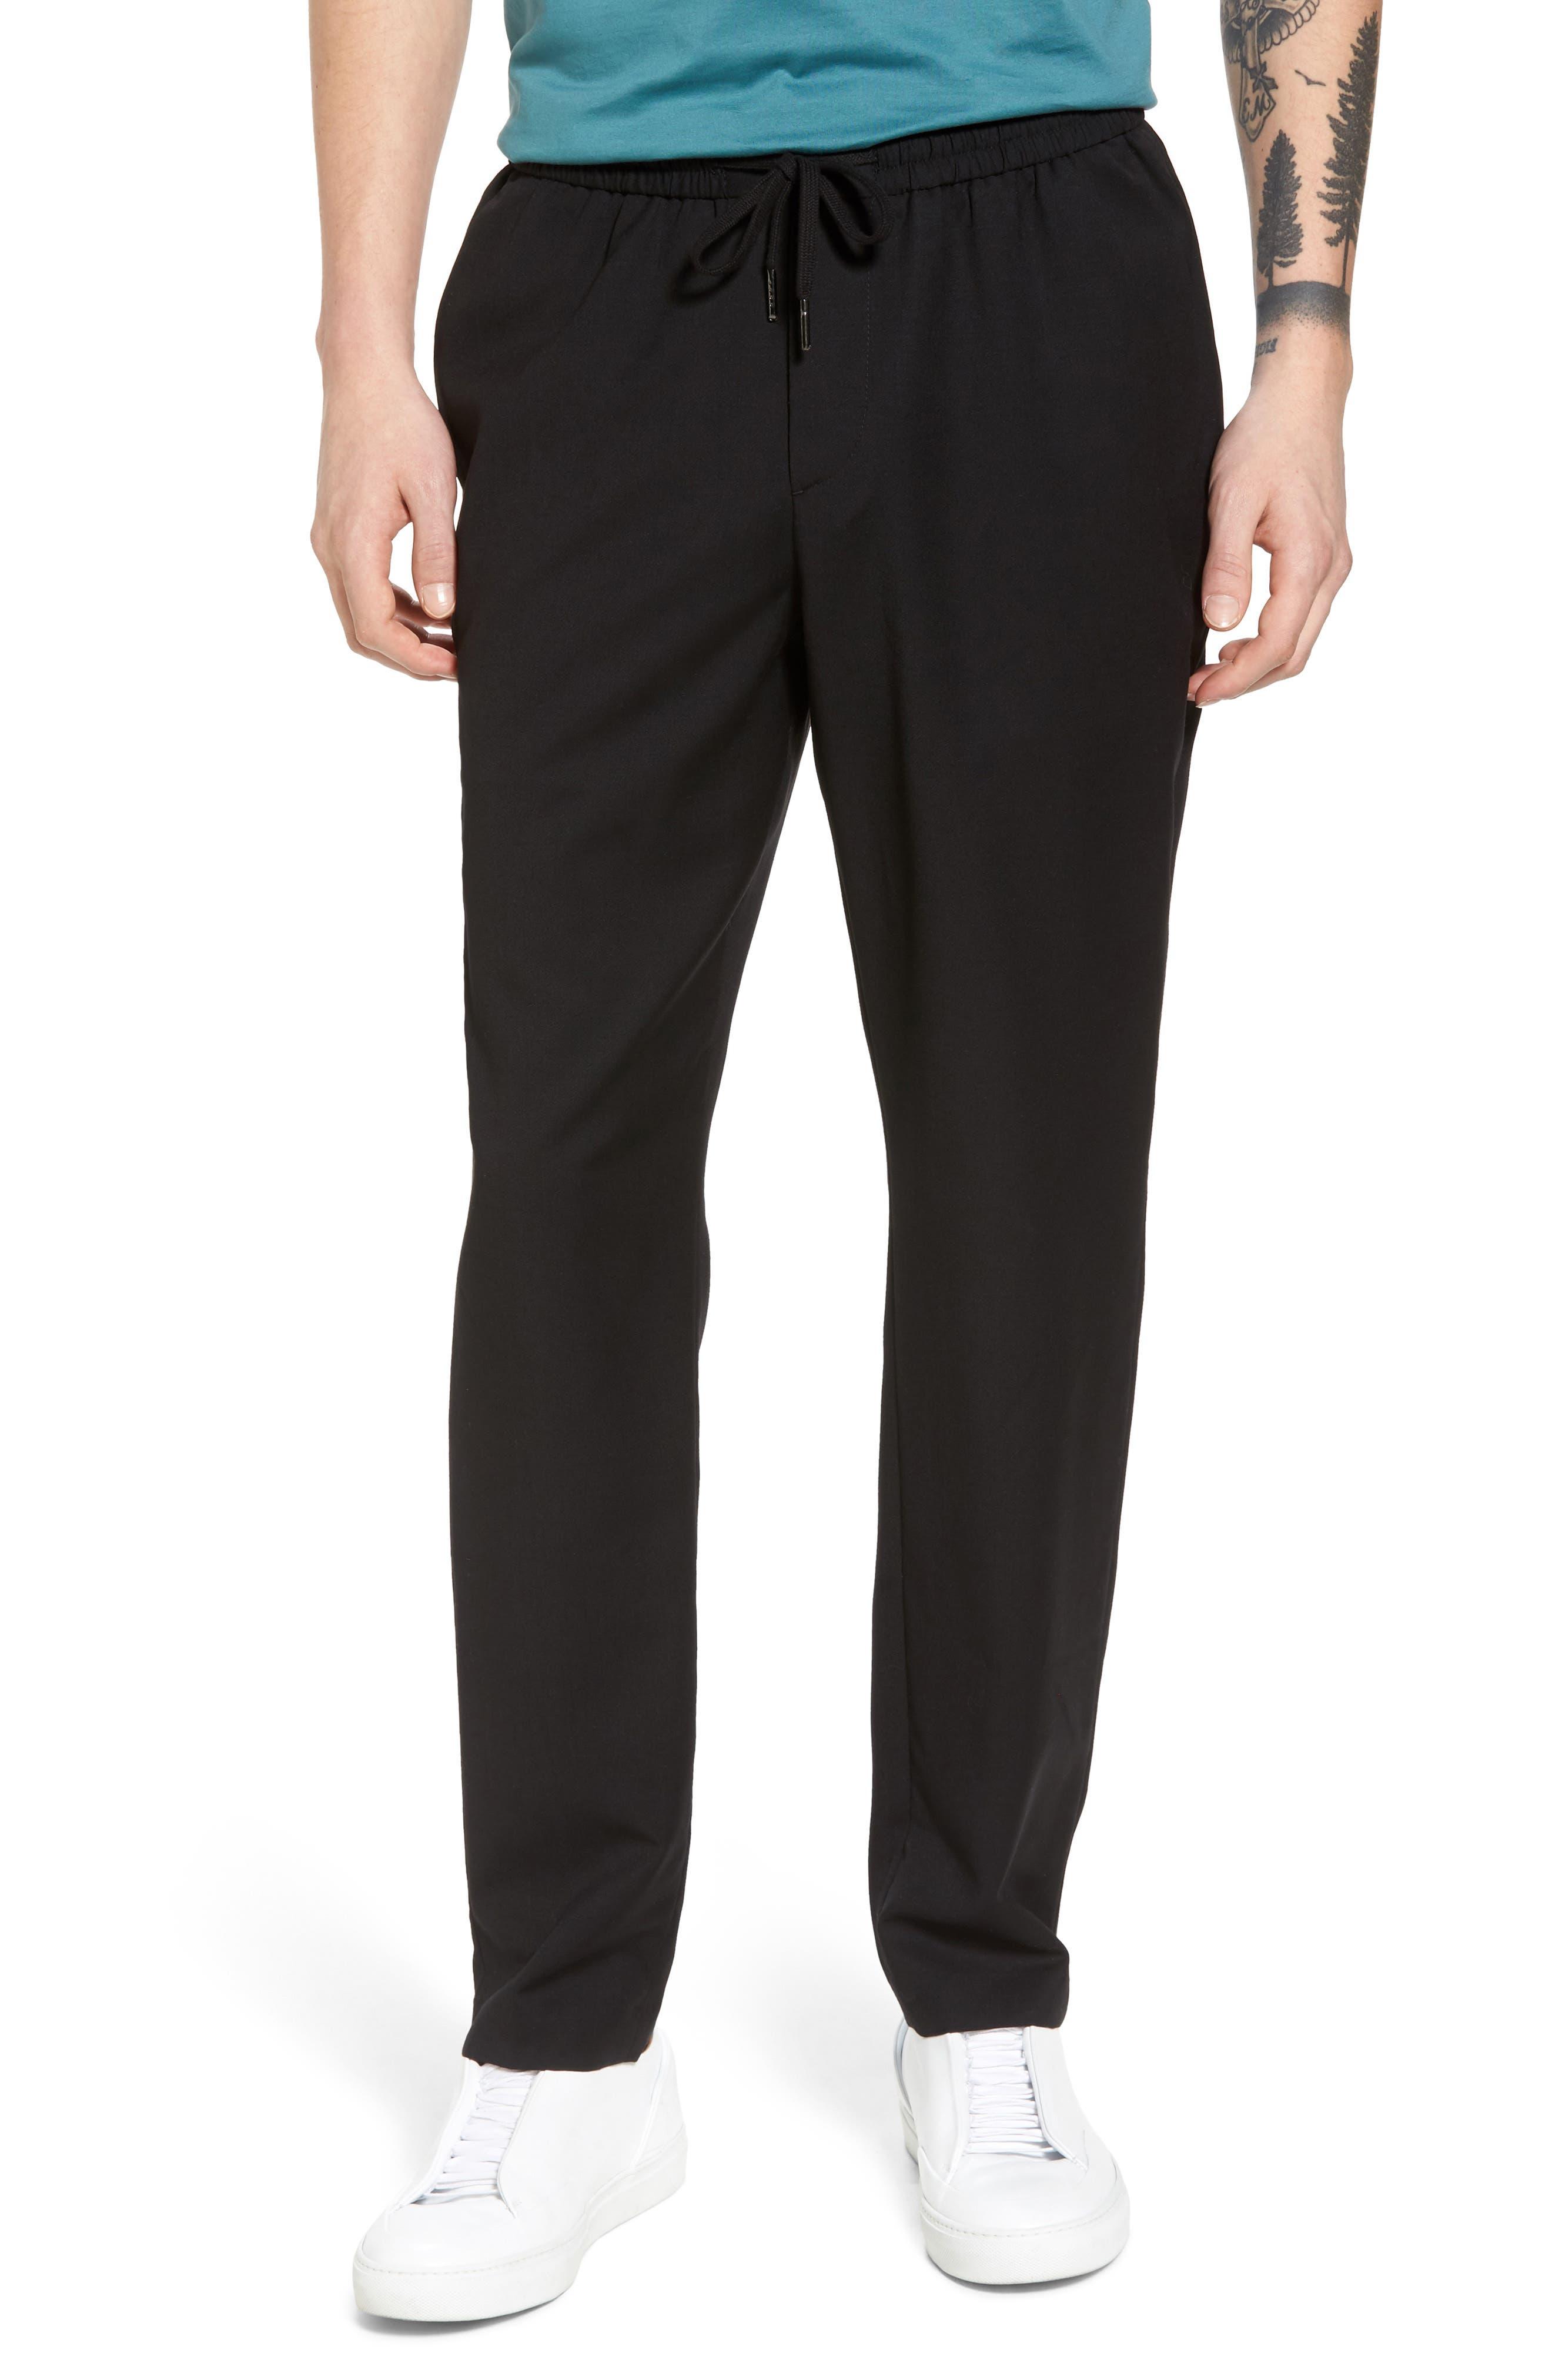 E-Waist Wool Jogger Pants,                         Main,                         color, Black